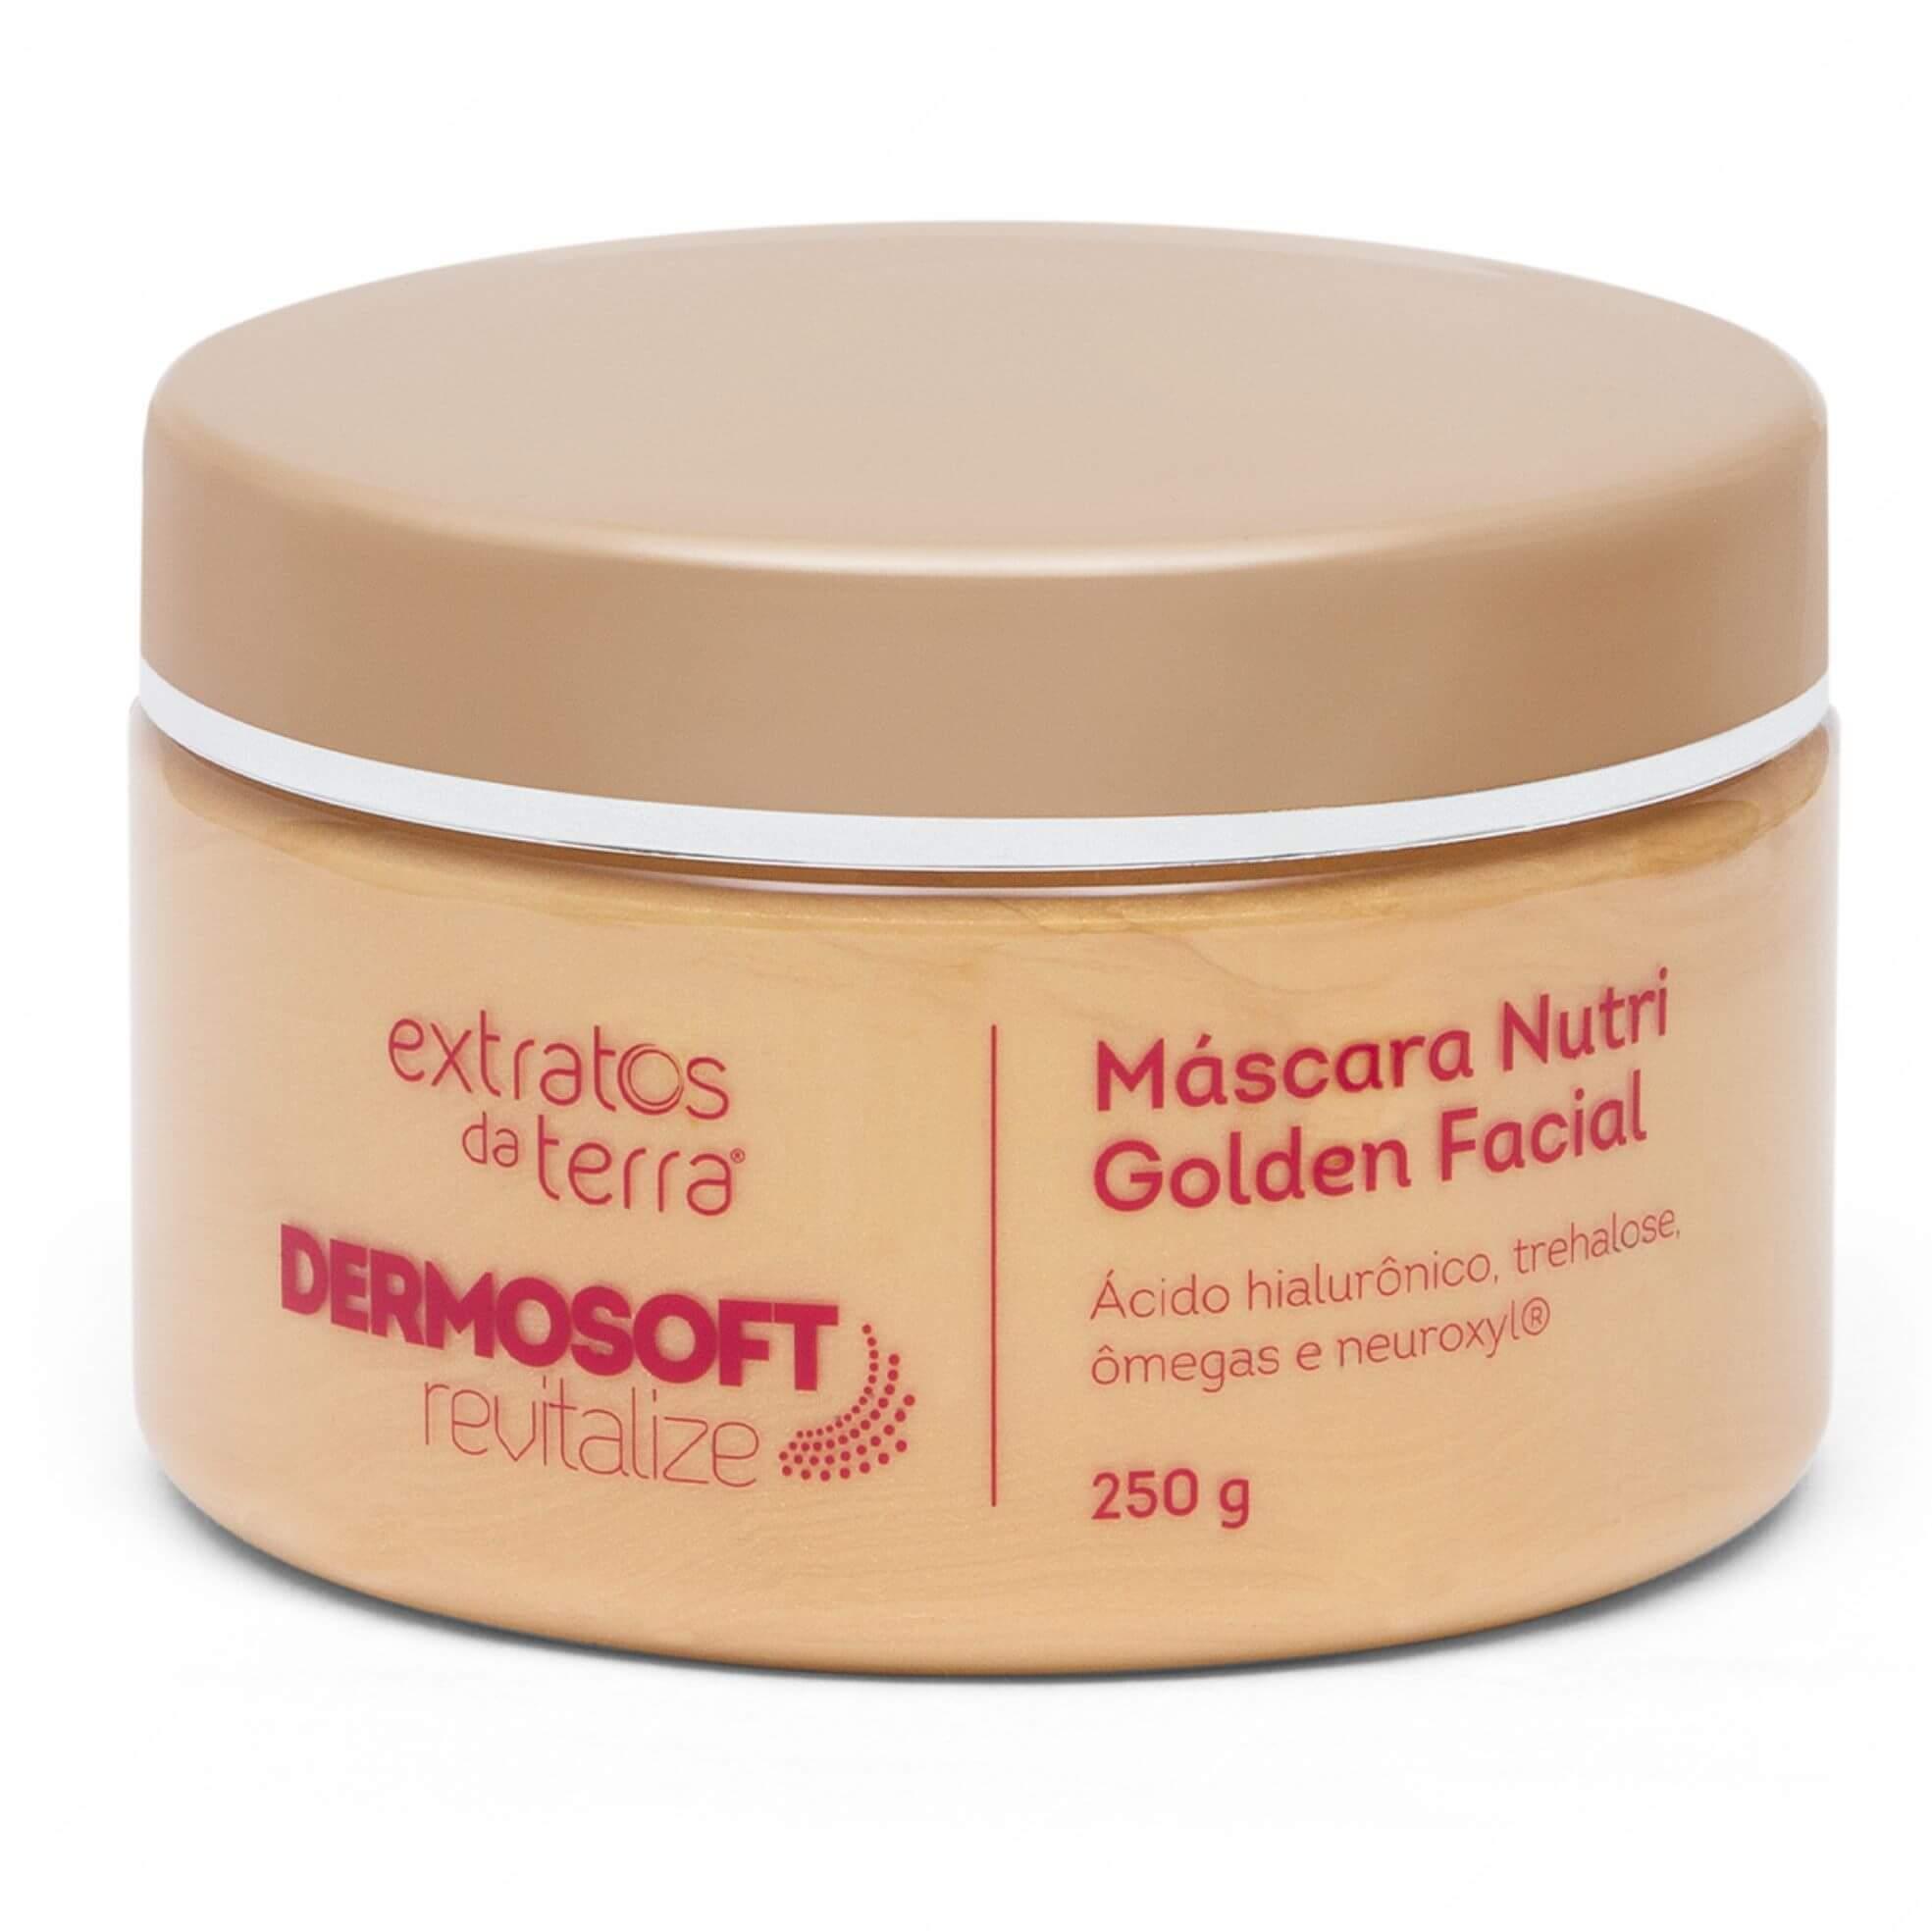 DermoSoft Revitalize - Máscara Nutri Golden Facial Extratos Da Terra 250g